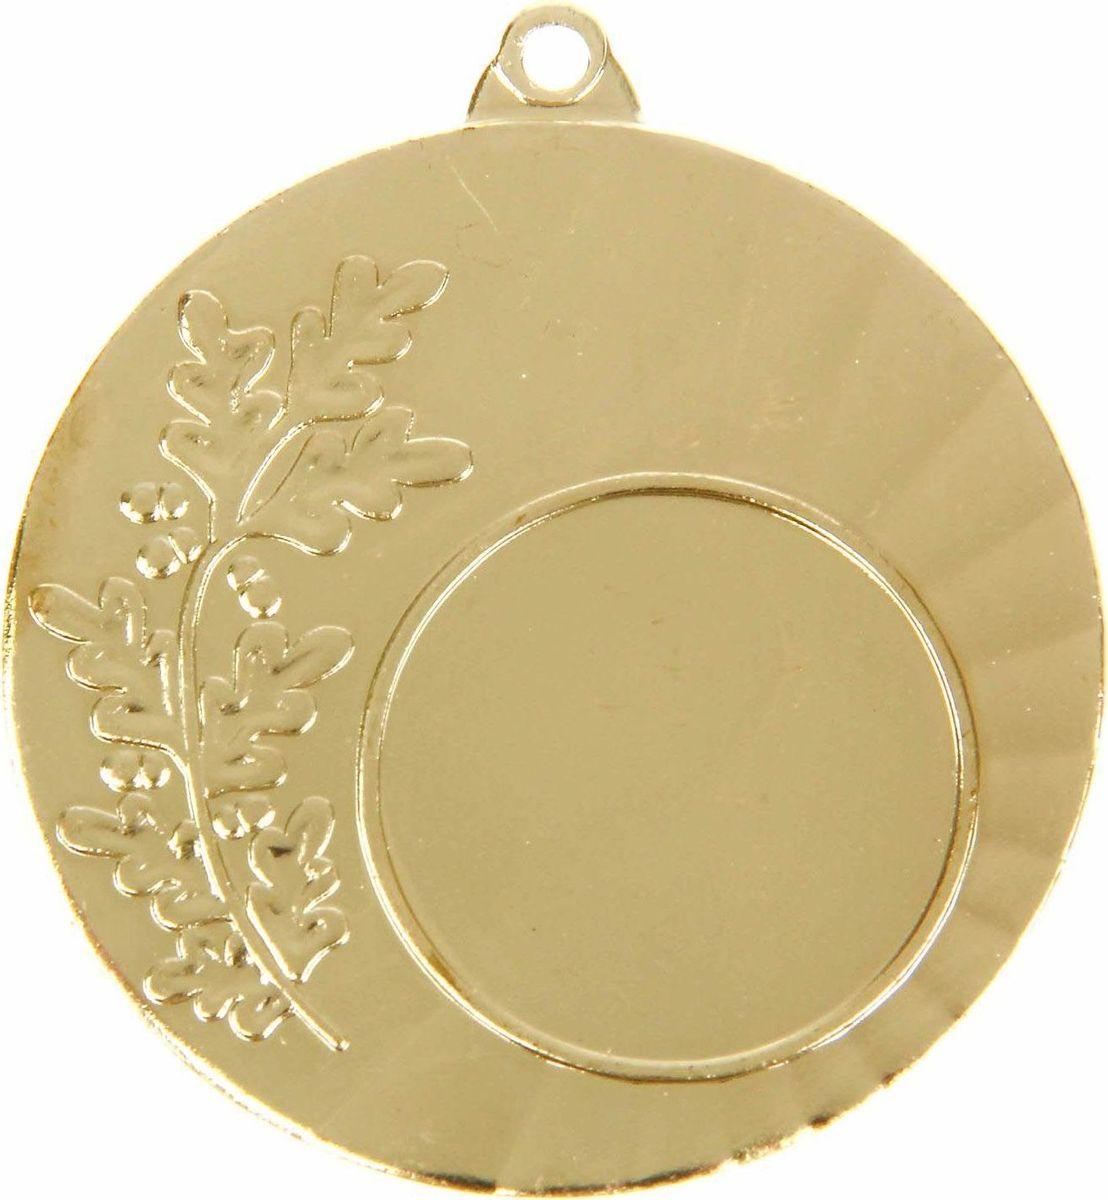 Медаль сувенирная с местом для гравировки, цвет: золотистый, диаметр 4,5 см. 0251108697Медаль — знак отличия, которым награждают самых достойных. Она вручается лишь тем, кто проявил настойчивость и волю к победе. Каждое достижение — это важное событие, которое должно остаться в памяти на долгие годы. Любое спортивное состязание, профессиональное или среди любителей, любое корпоративное мероприятие — отличный повод для того, чтобы отметить лучших из лучших. Характеристики:Диаметр медали: 4,5 см Диаметр вкладыша (лицо): 2,5 см Диаметр вкладыша (оборот): 4 см. Пусть любая победа будет отмечена соответствующей наградой!